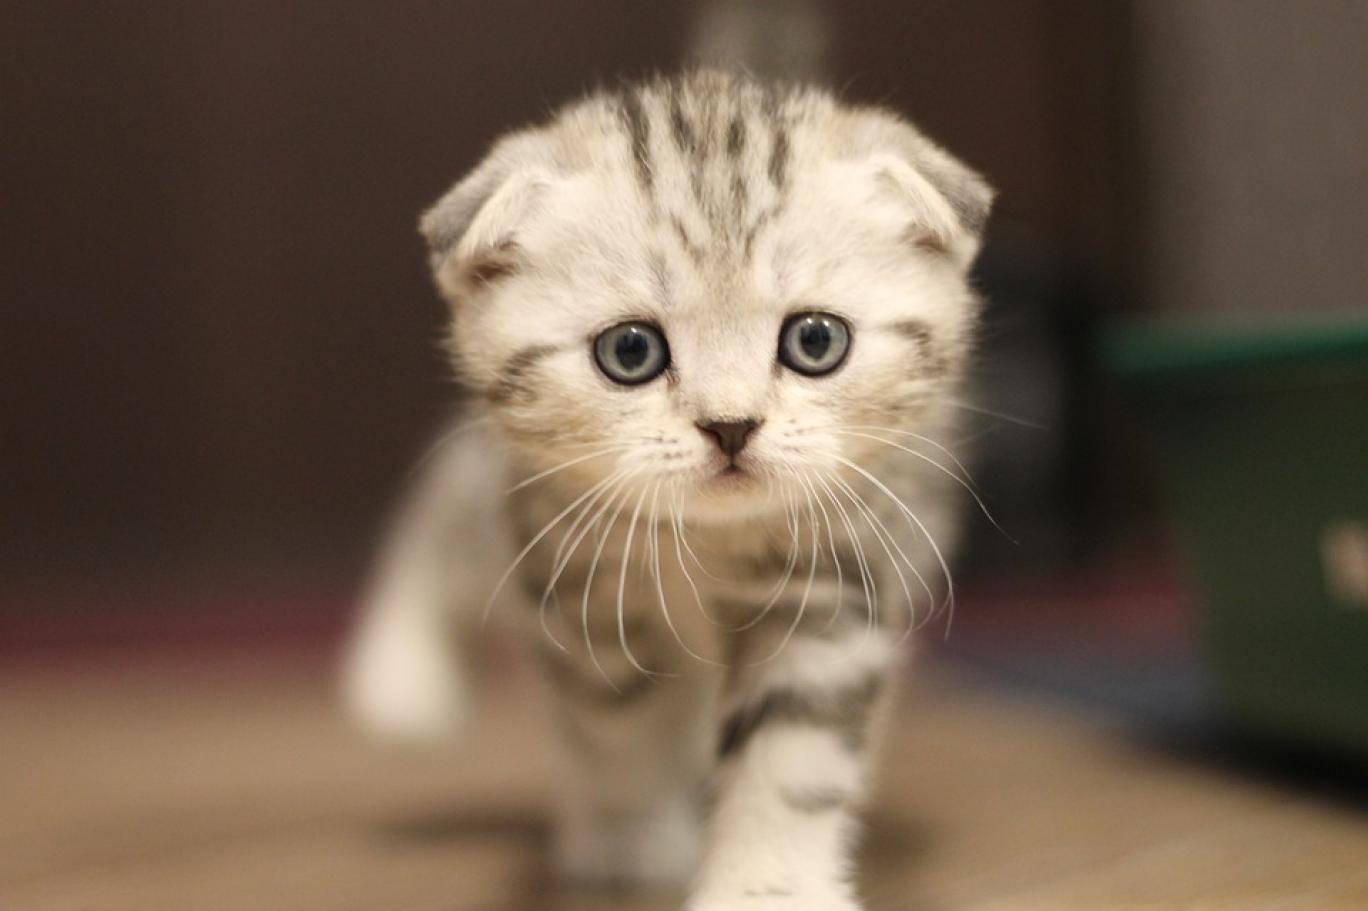 Yeni araştırmaya göre yumuk yüzlü cins kediler duygularını ifade edemiyor | Independent Türkçe